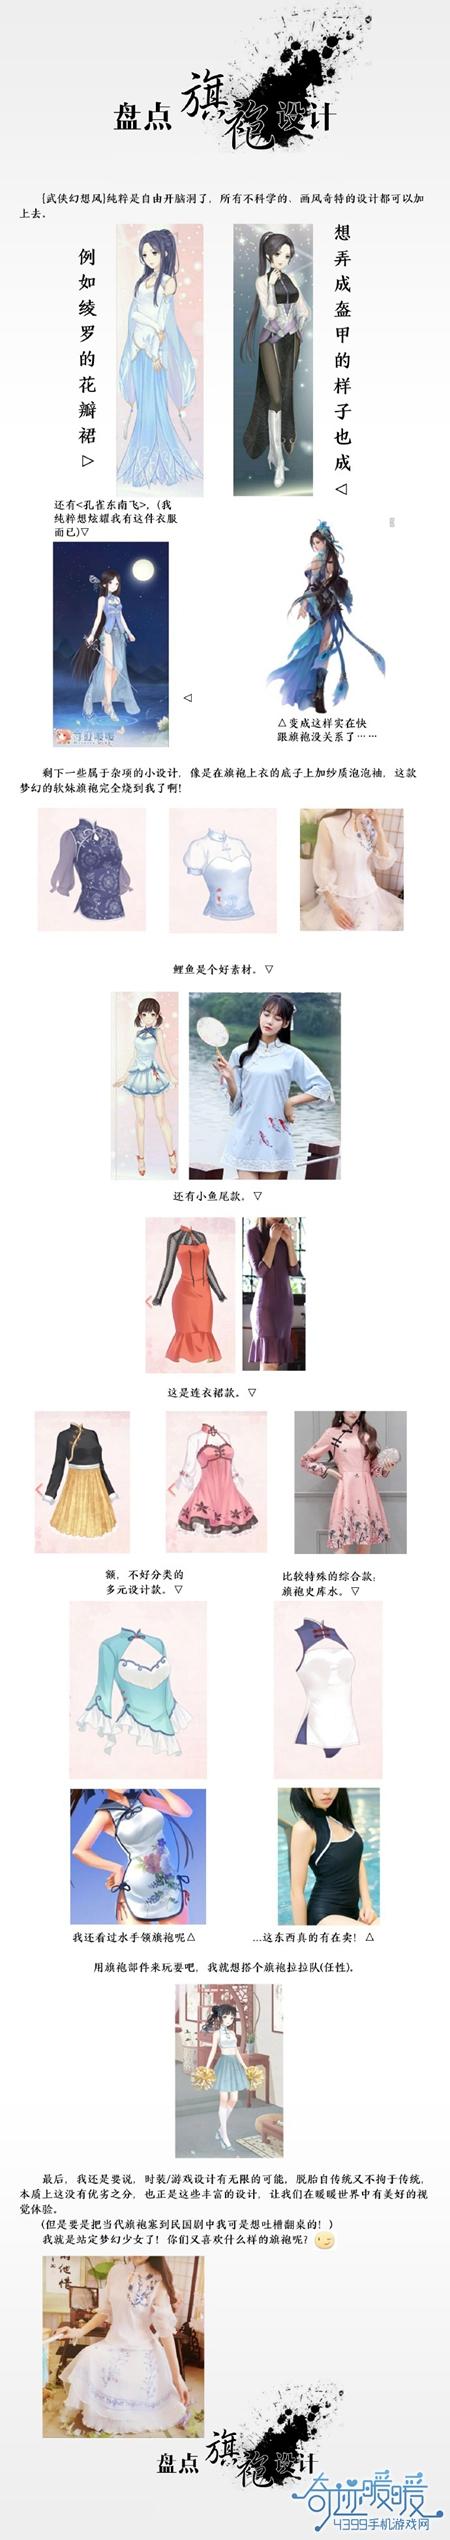 奇迹暖暖旗袍设计